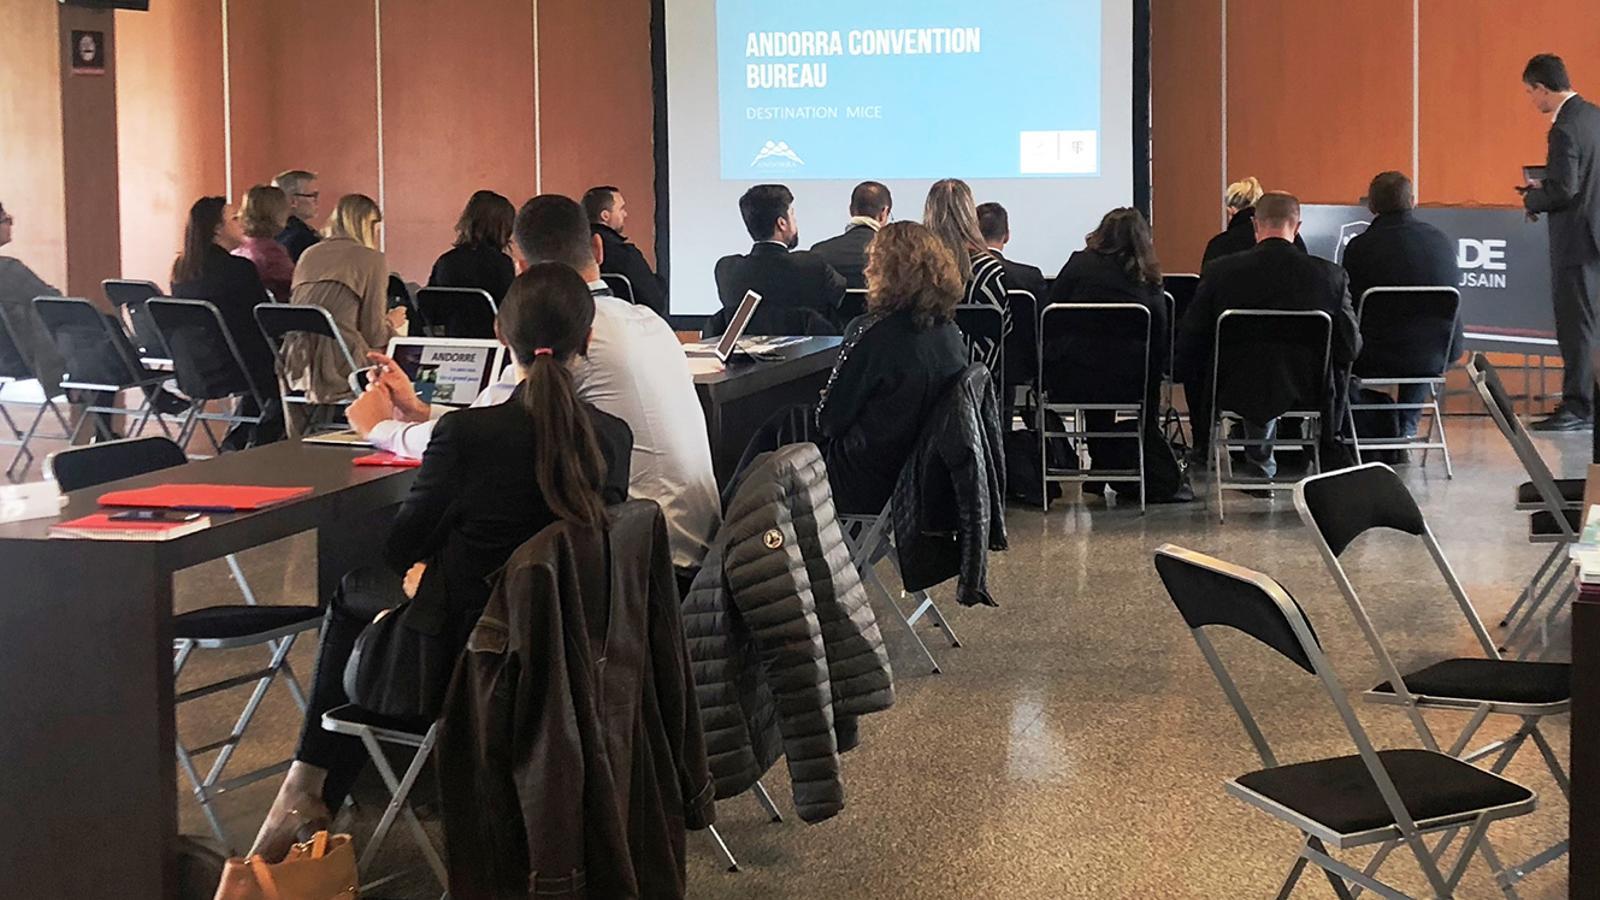 Una imatge del seminari de l'Andorra Convention Bureau a Tolosa. / ANDORRA TURISME